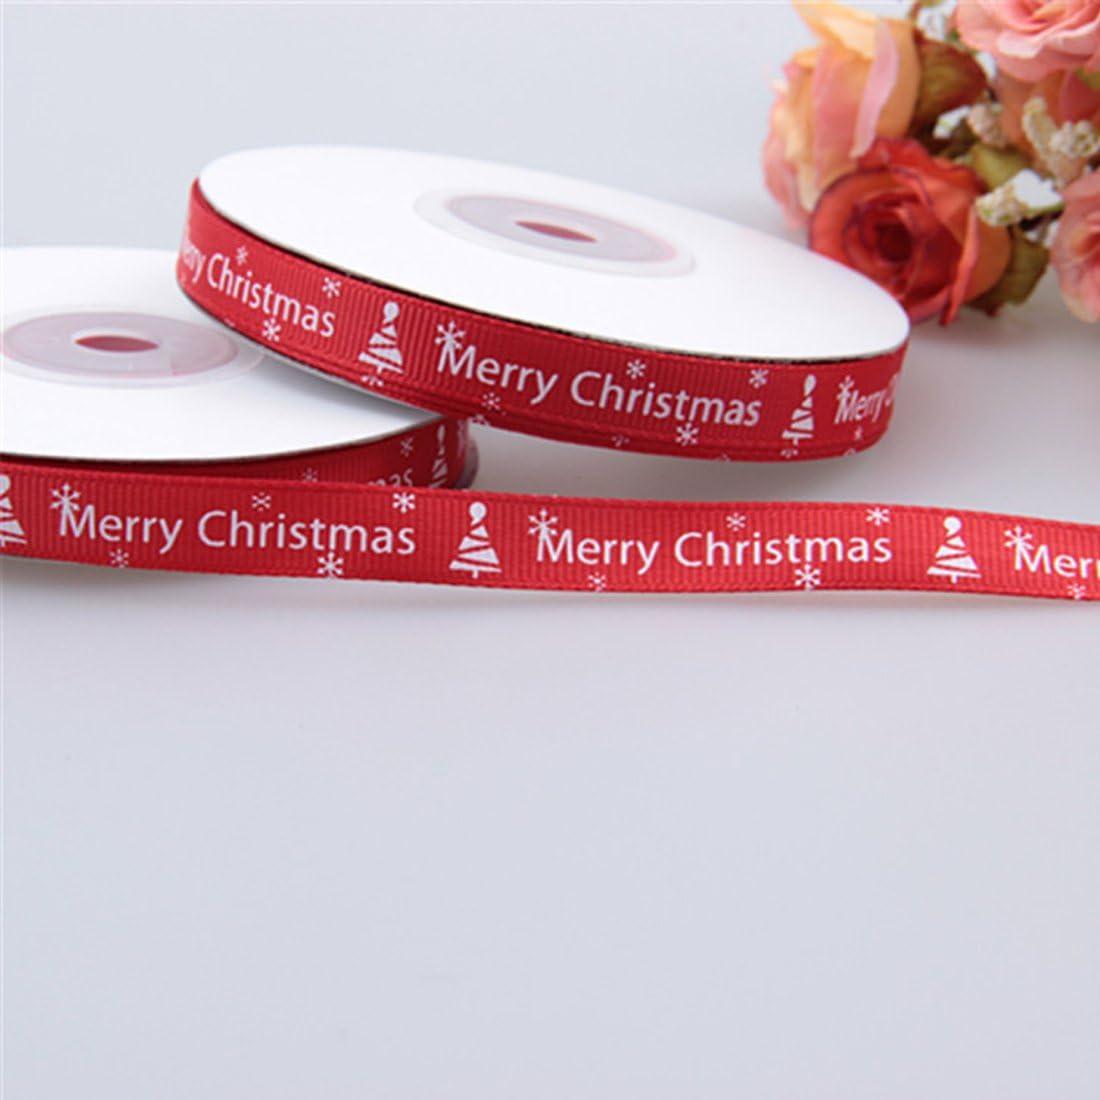 22,9/m//1/cm Rouge Filetage ruban Imprim/é ruban de papier cadeau de No/ël faite main D/écoration DIY